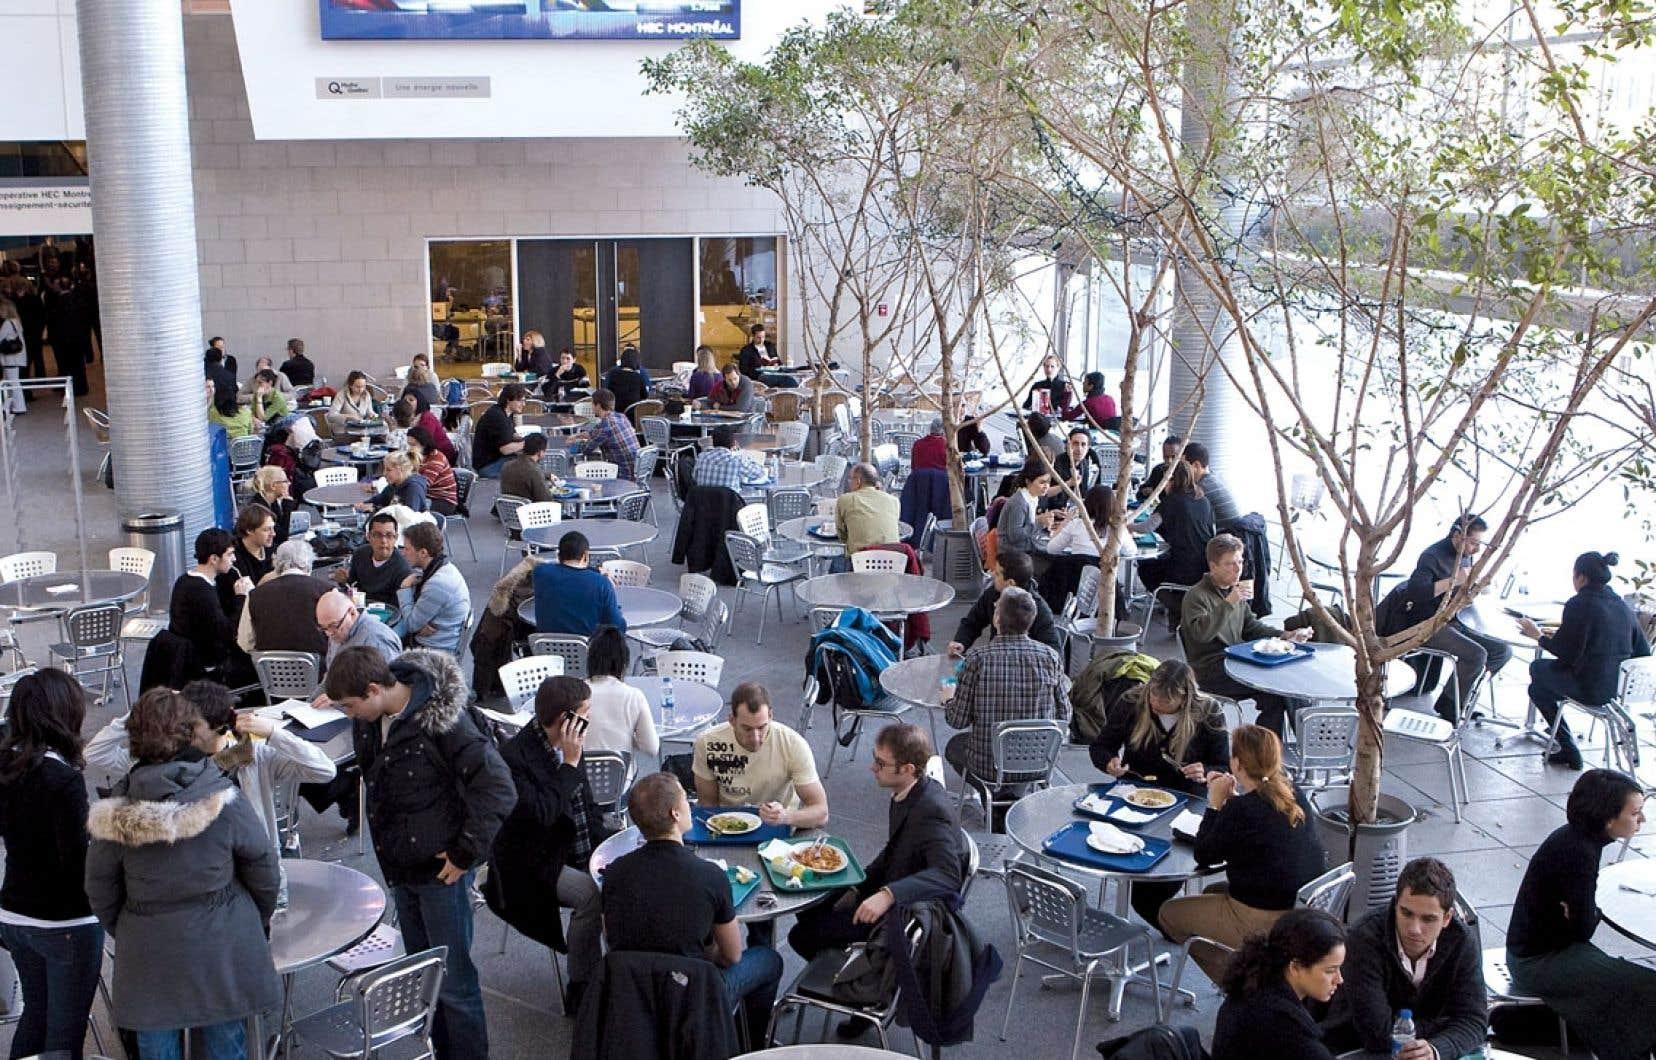 En 2012, on apprenait la décision de HEC Montréal (ci-dessus) d'offrir une maîtrise entièrement en anglais. Lorsque, dans une université francophone, on autorise les étudiants à suivre tout un programme dans cette langue, on est en présence d'une situation de bilinguisme institutionnel.